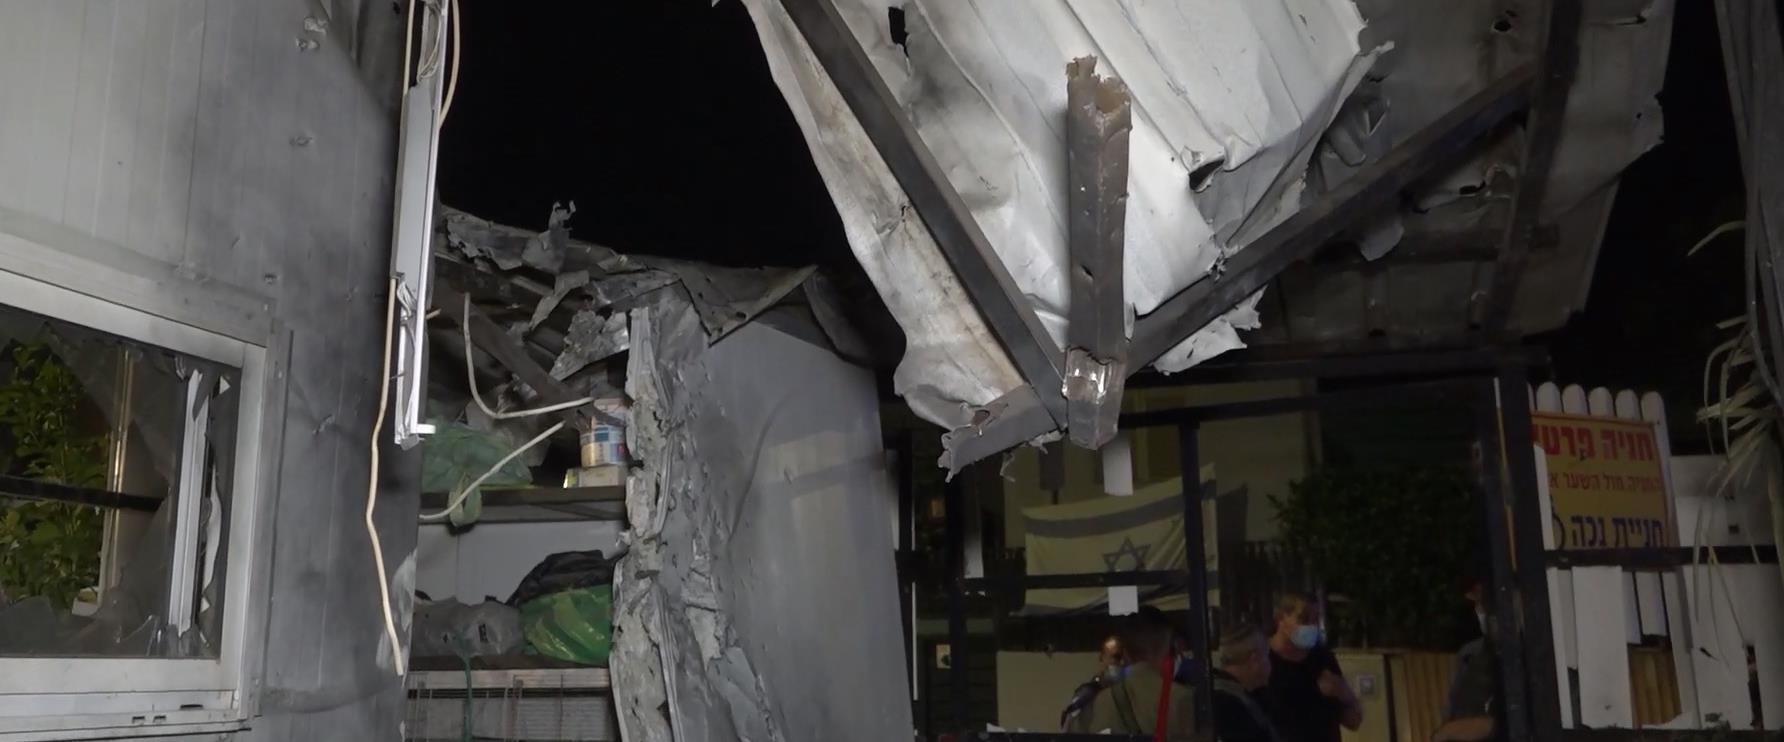 חצר הבית שנפגע בשדרות, הלילה